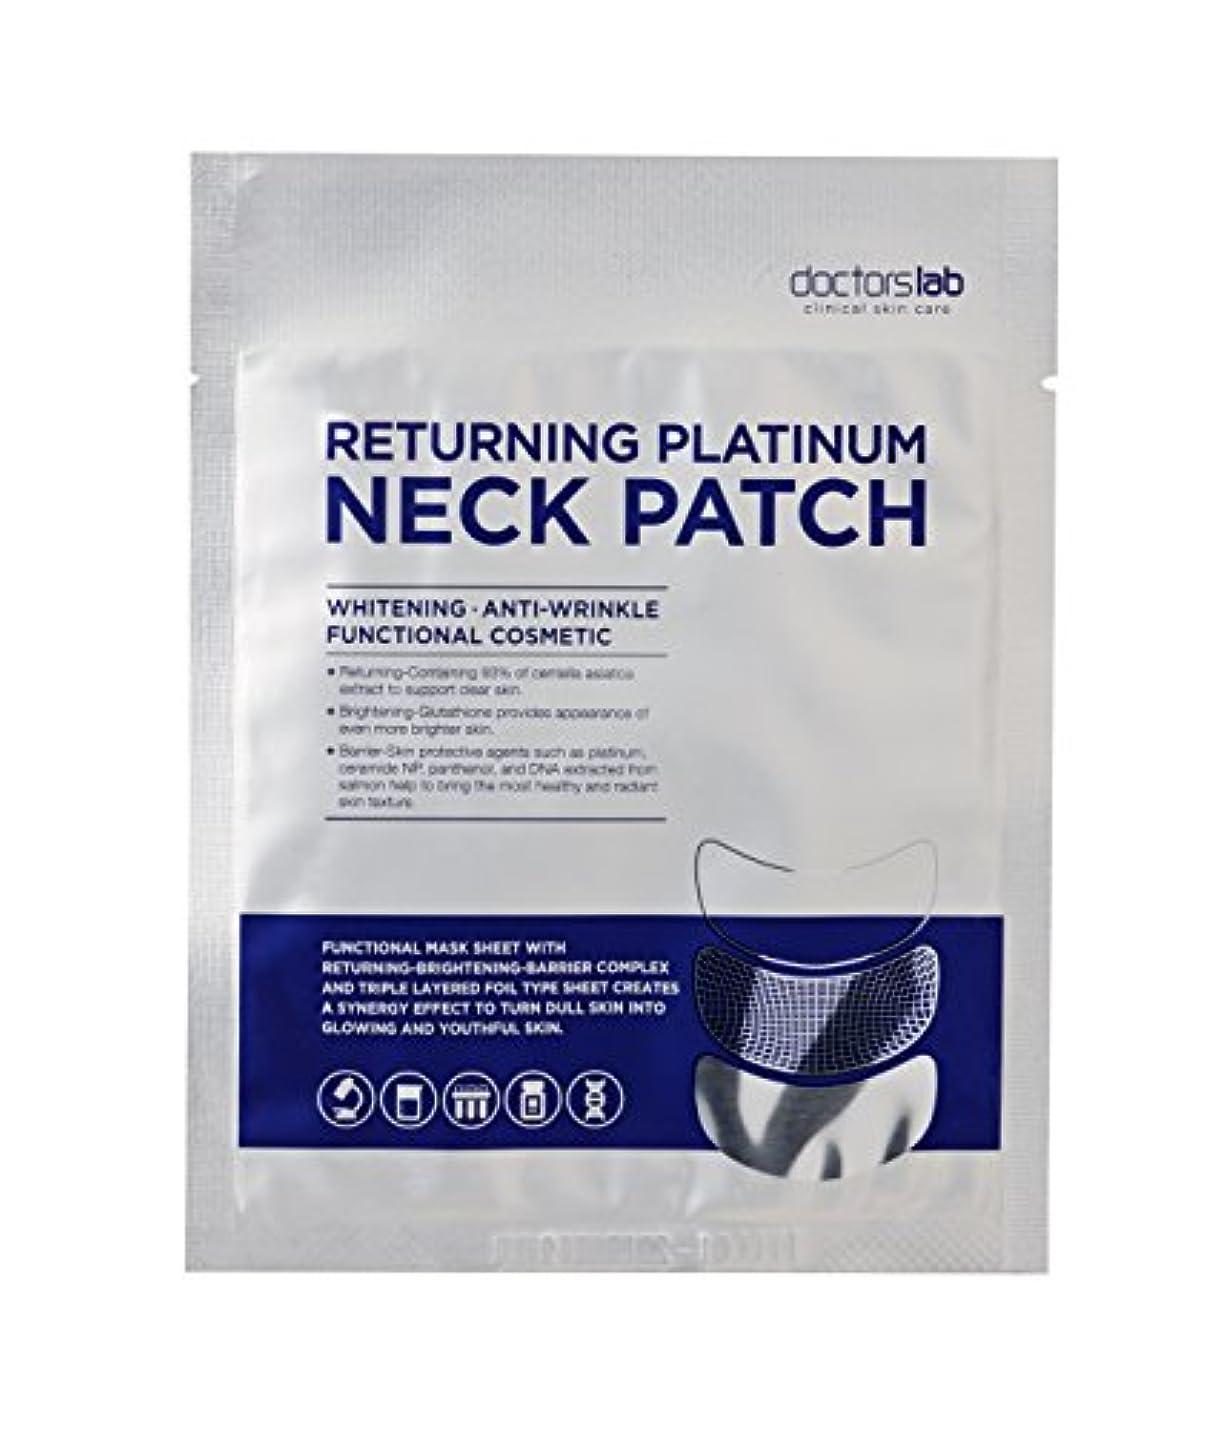 付録出来事耐久Doctor's Lab Clinical Skin Care 戻るプラチナネックパッチ 4本/箱